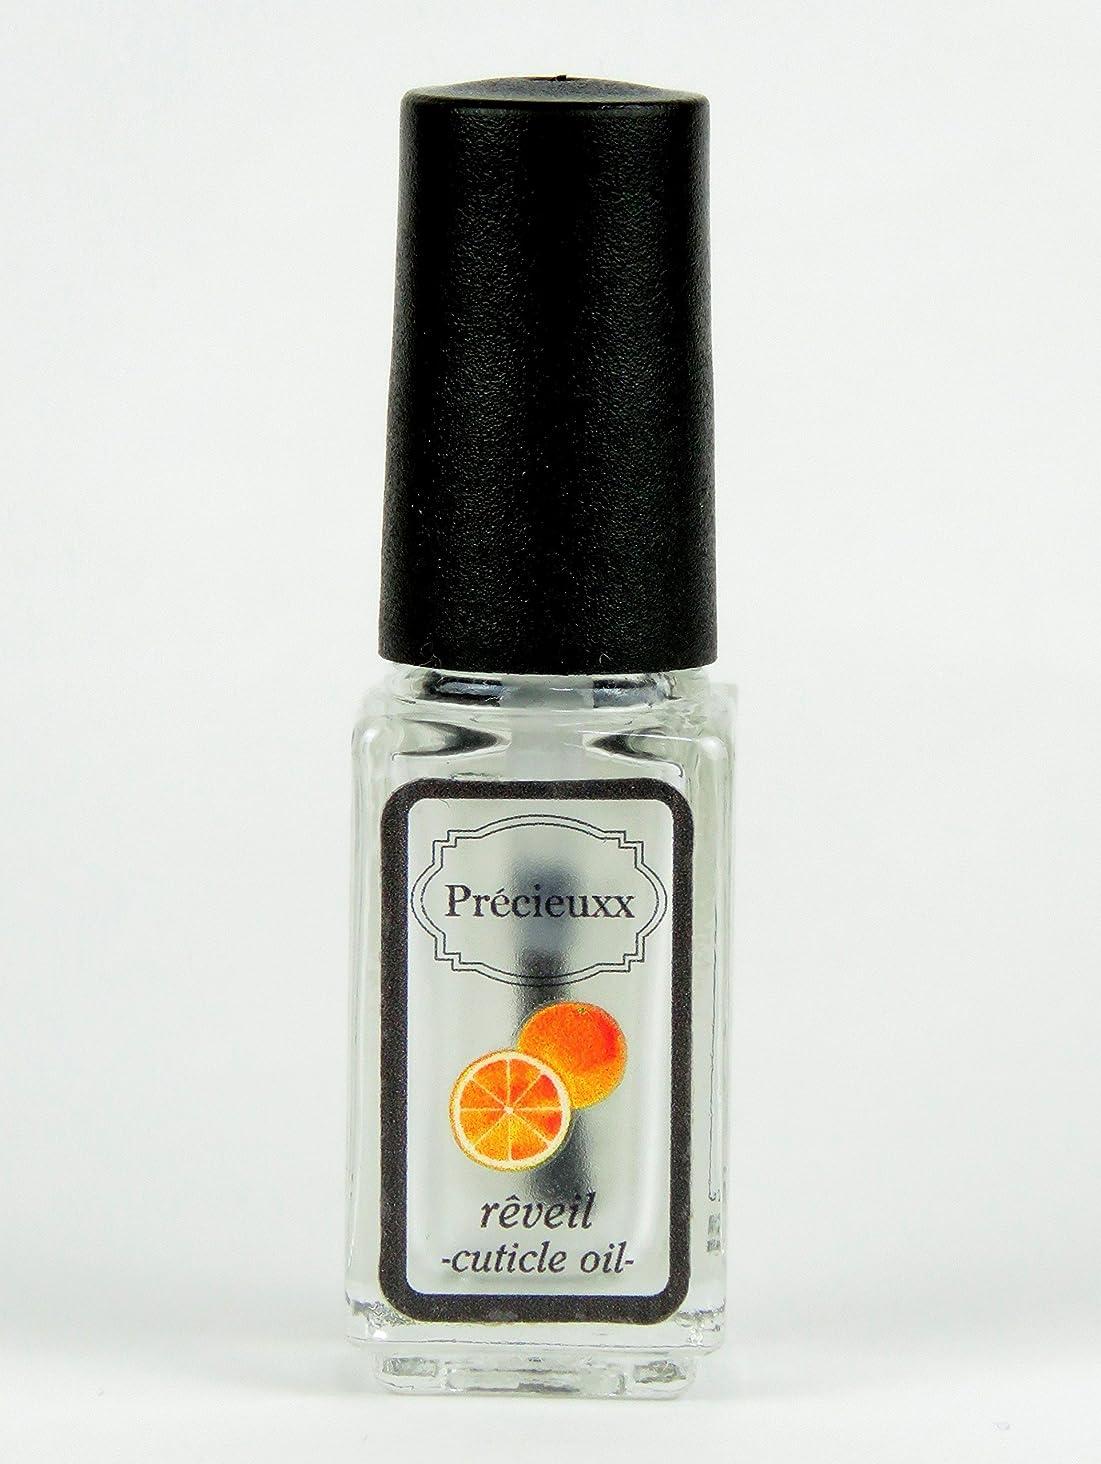 第四大確かめるオーガニック ネイルオイル Precieuxx(プレシュー) ネイルアンドキューティクルボタニカルオイル 5ml オレンジ